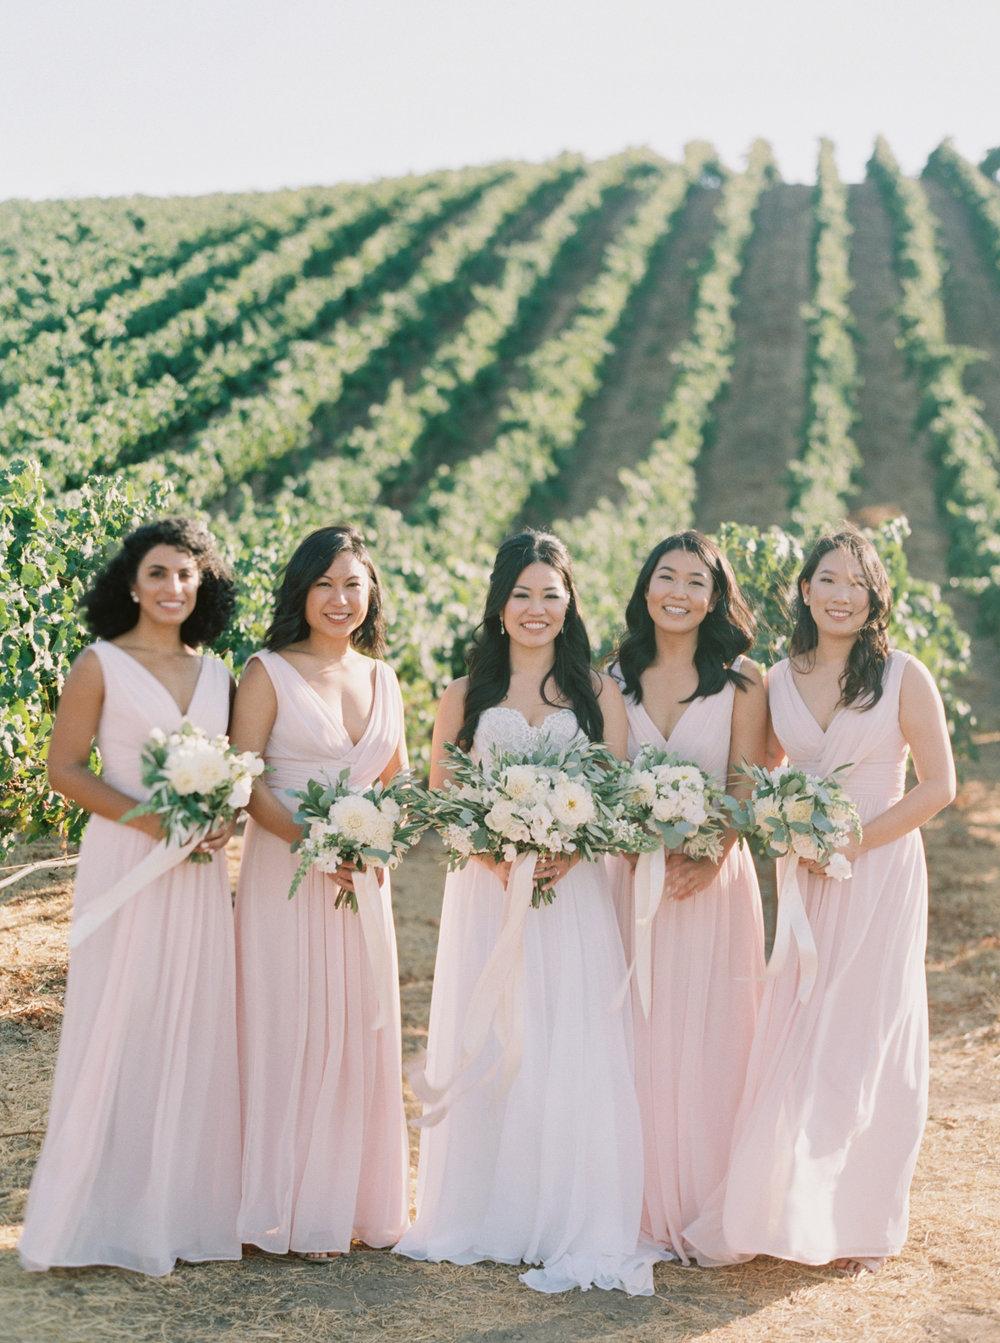 trynhphoto_sandiego_orangecounty_temecula_sf_weddingphotographer_KN-187.jpg